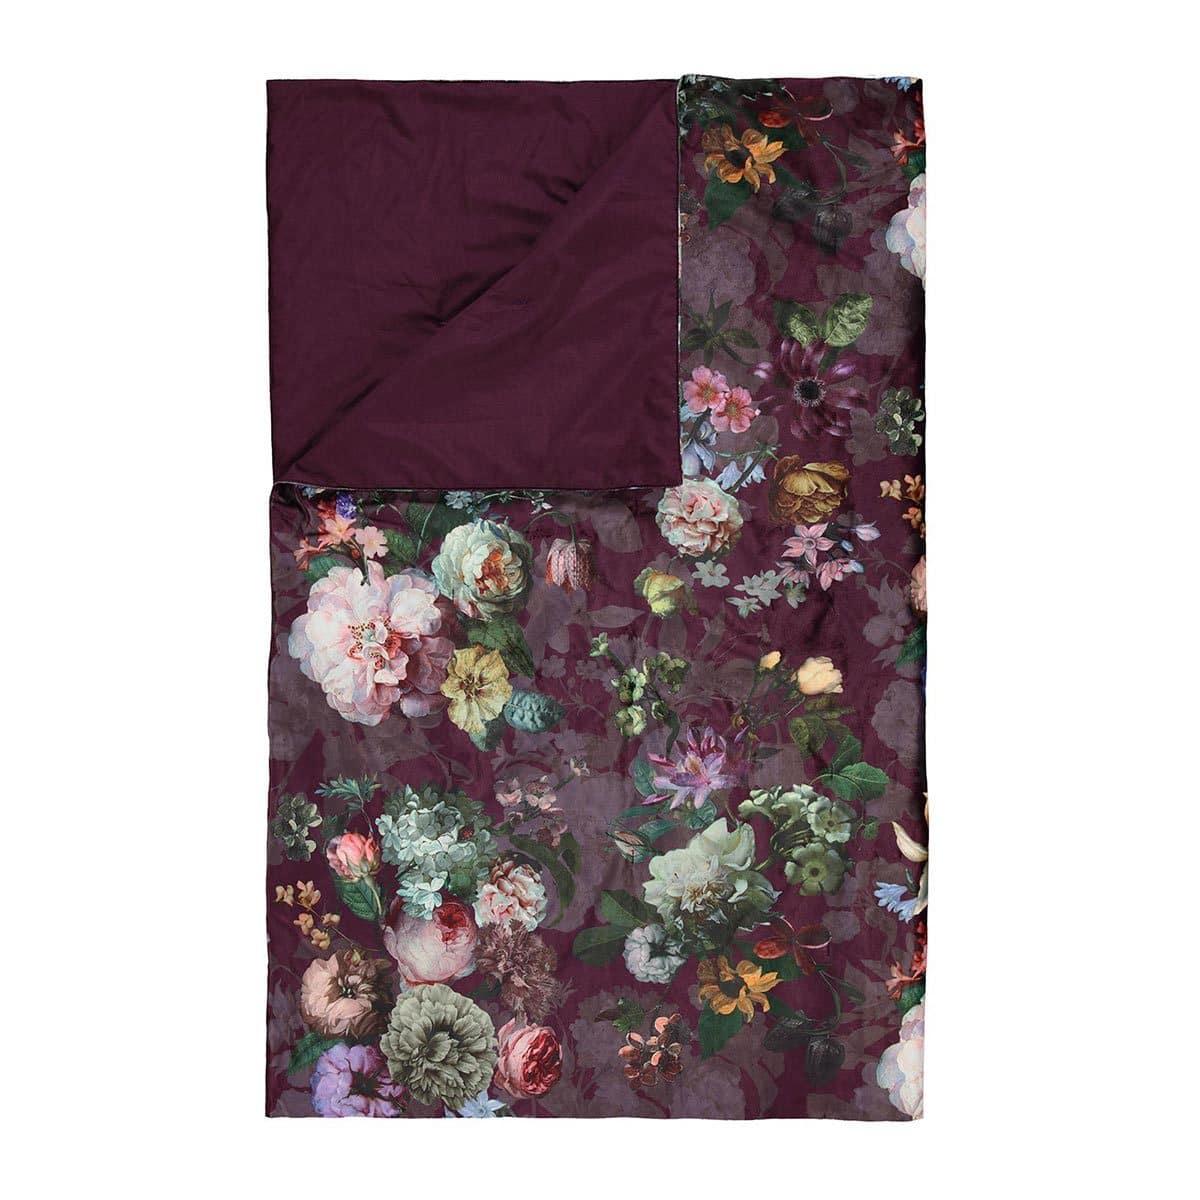 75b7102c0d Essenza Tagesdecke Fleur burgundy günstig online kaufen bei ...